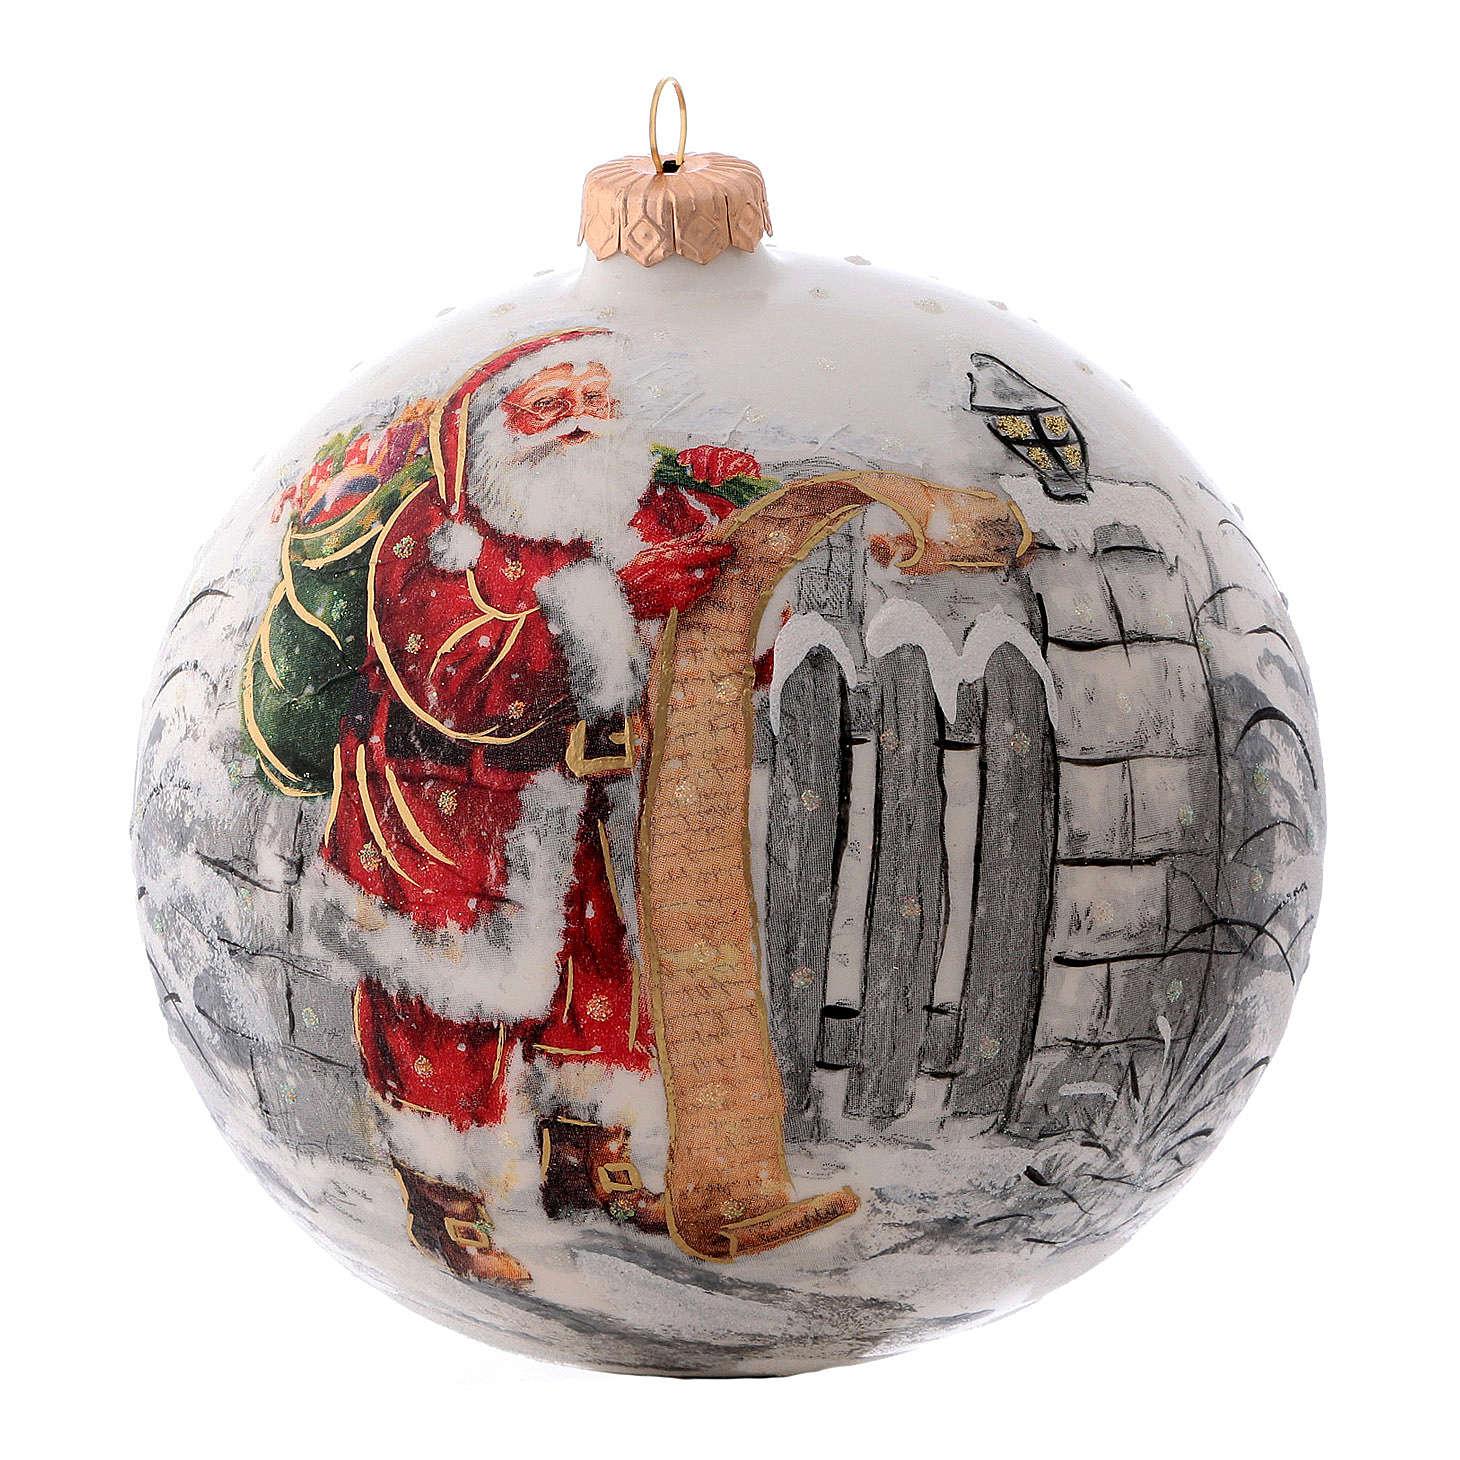 Weihnachtsbaumkugel aus mundgeblasenem Glas, Grundfarbe Weiß, Motiv Weihnachtsmann, 150 mm 4